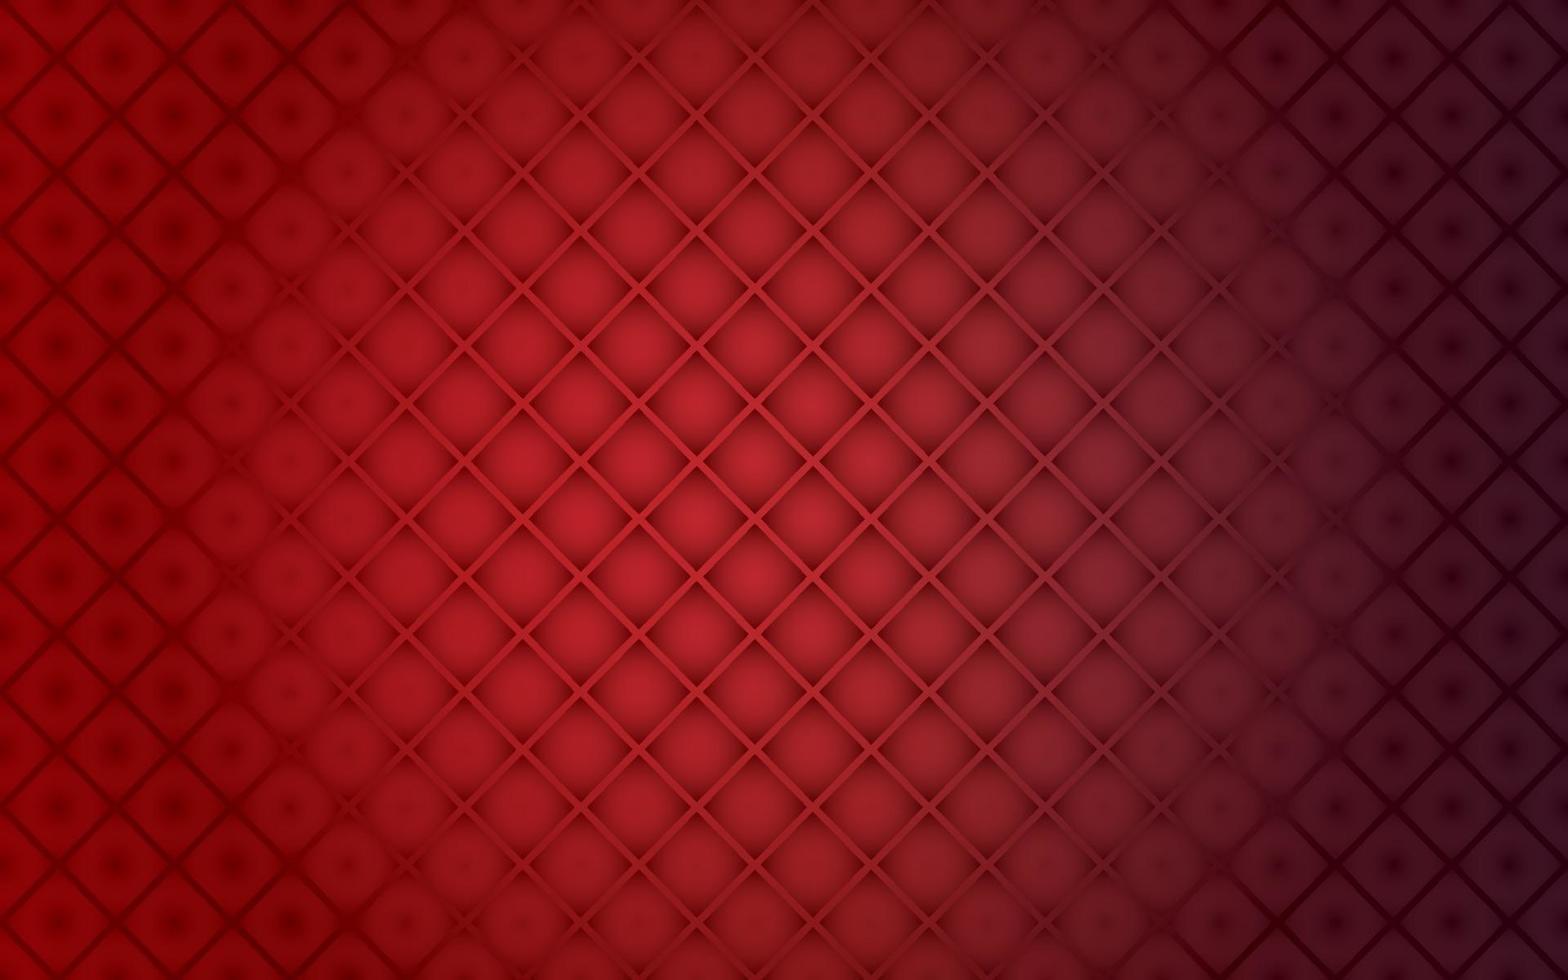 quadrados de padrão de papel de parede abstratos dispostos uns contra os outros vetor